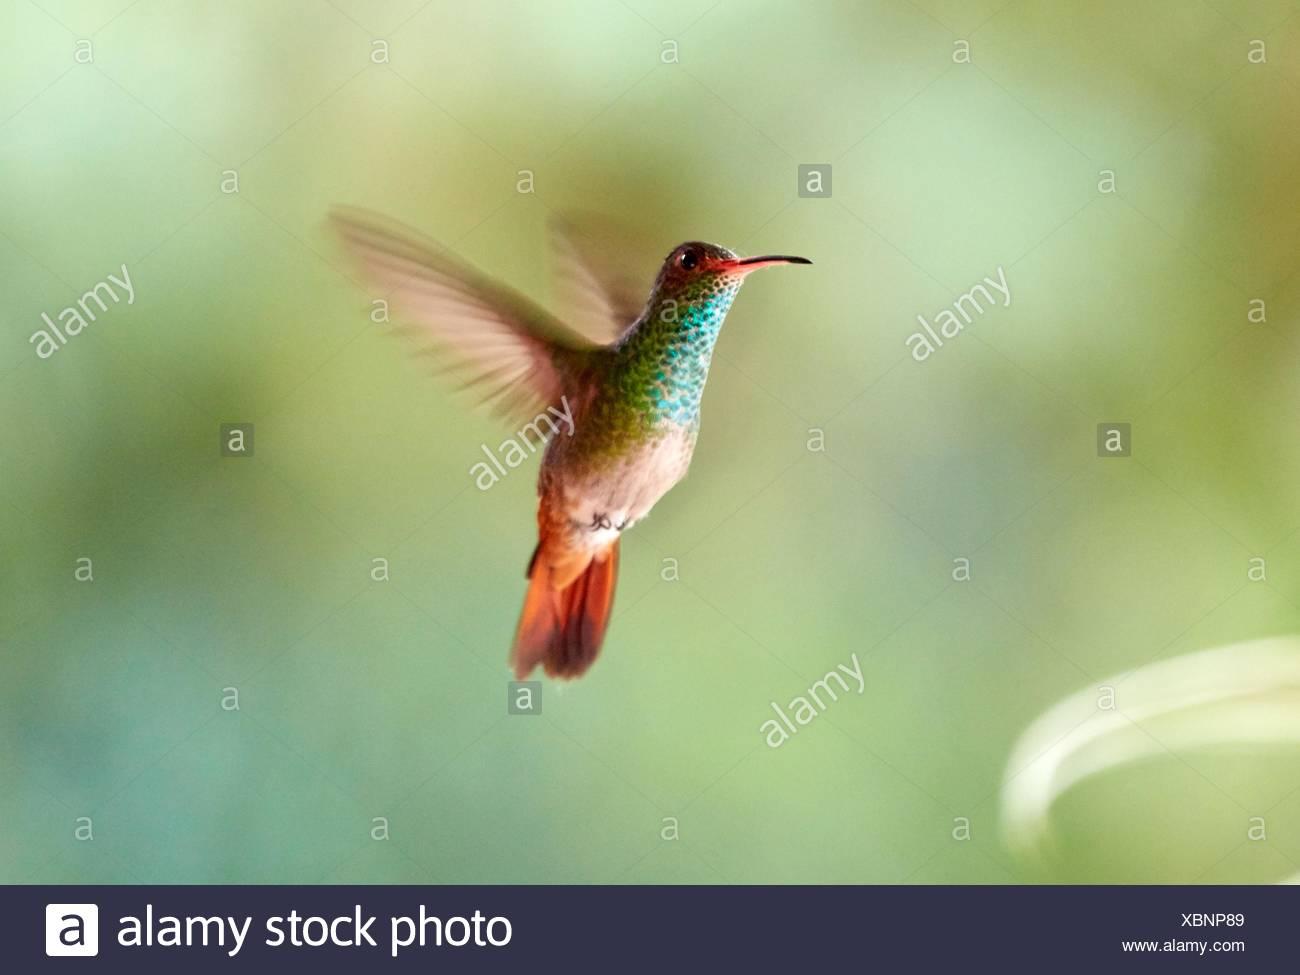 Niedlich Süsse Kolibri Malvorlagen Fotos - Malvorlagen Von Tieren ...